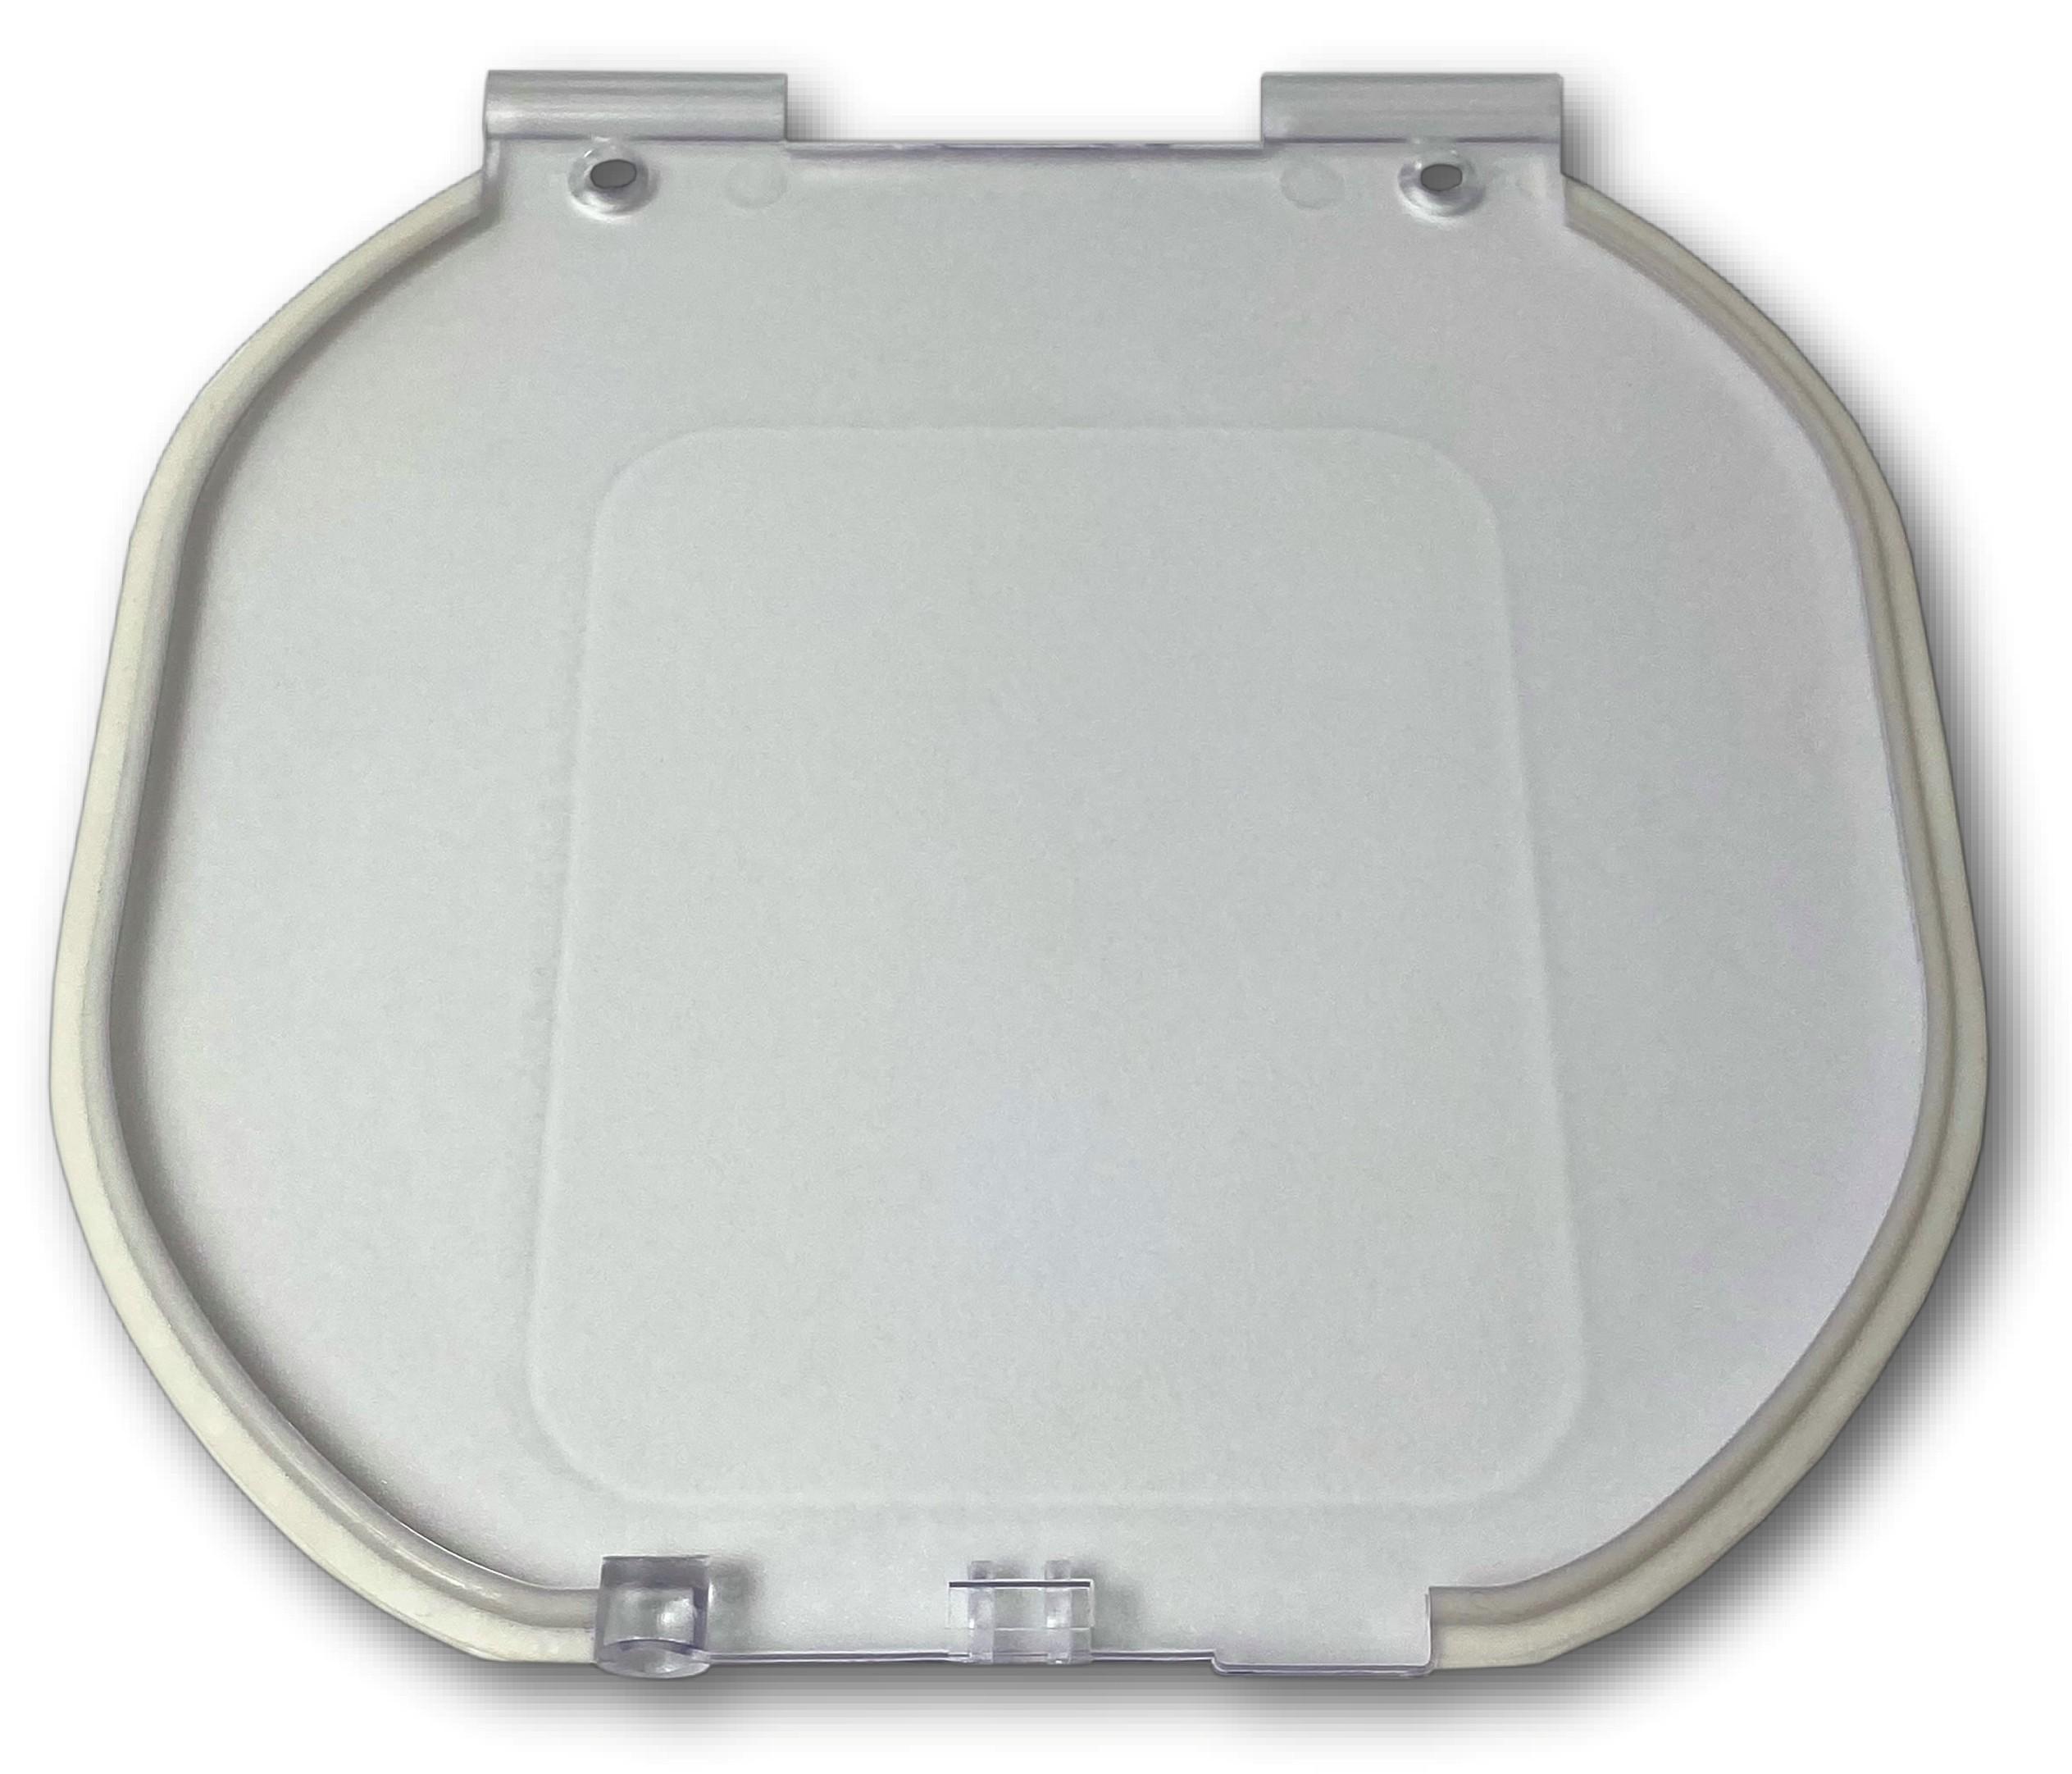 G-MCDRF Glass magnetic cat door replacement flap